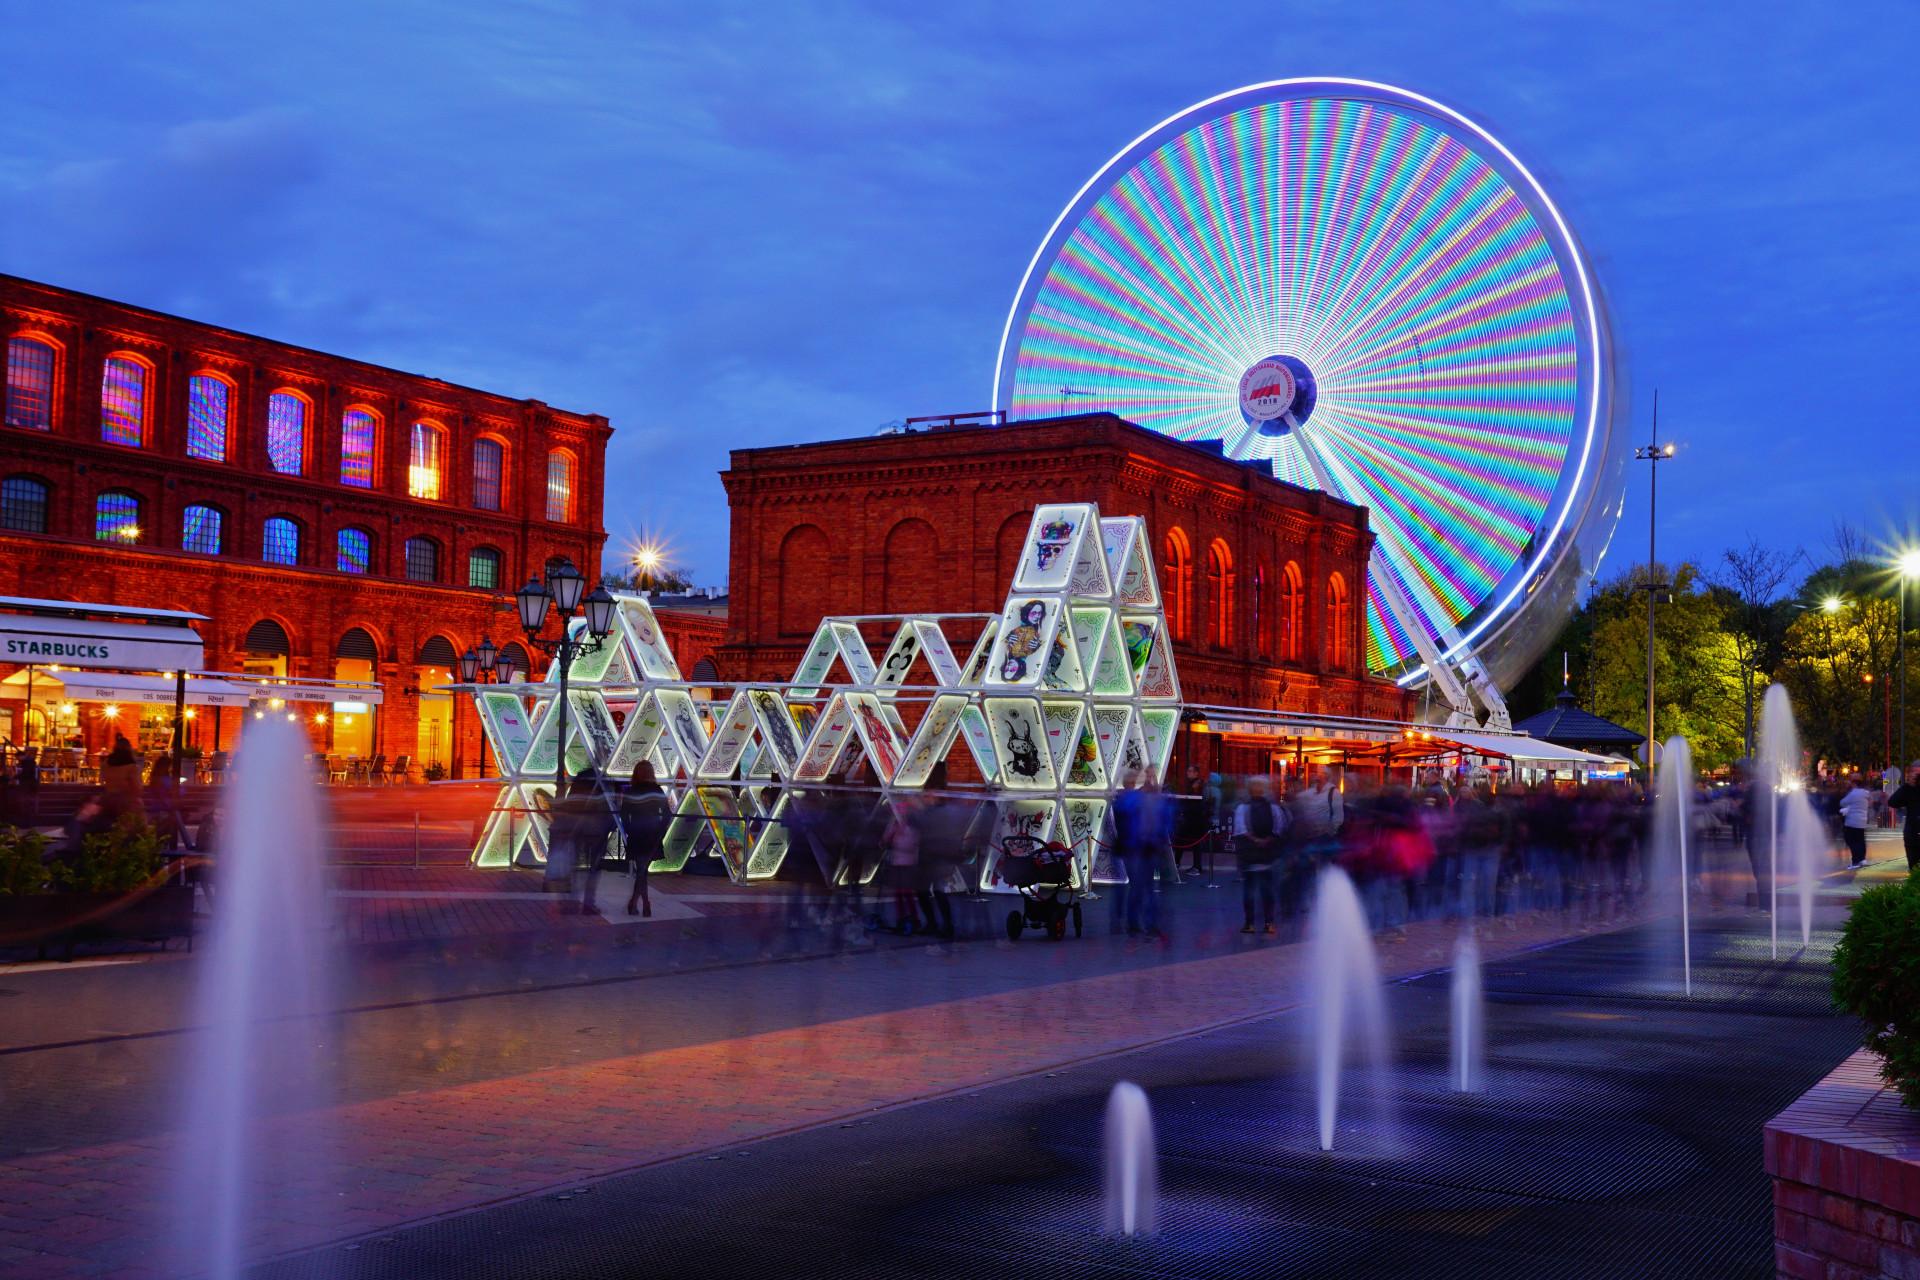 Clima de Natal: as cidades que brilham em festivais de luzes vibrantes